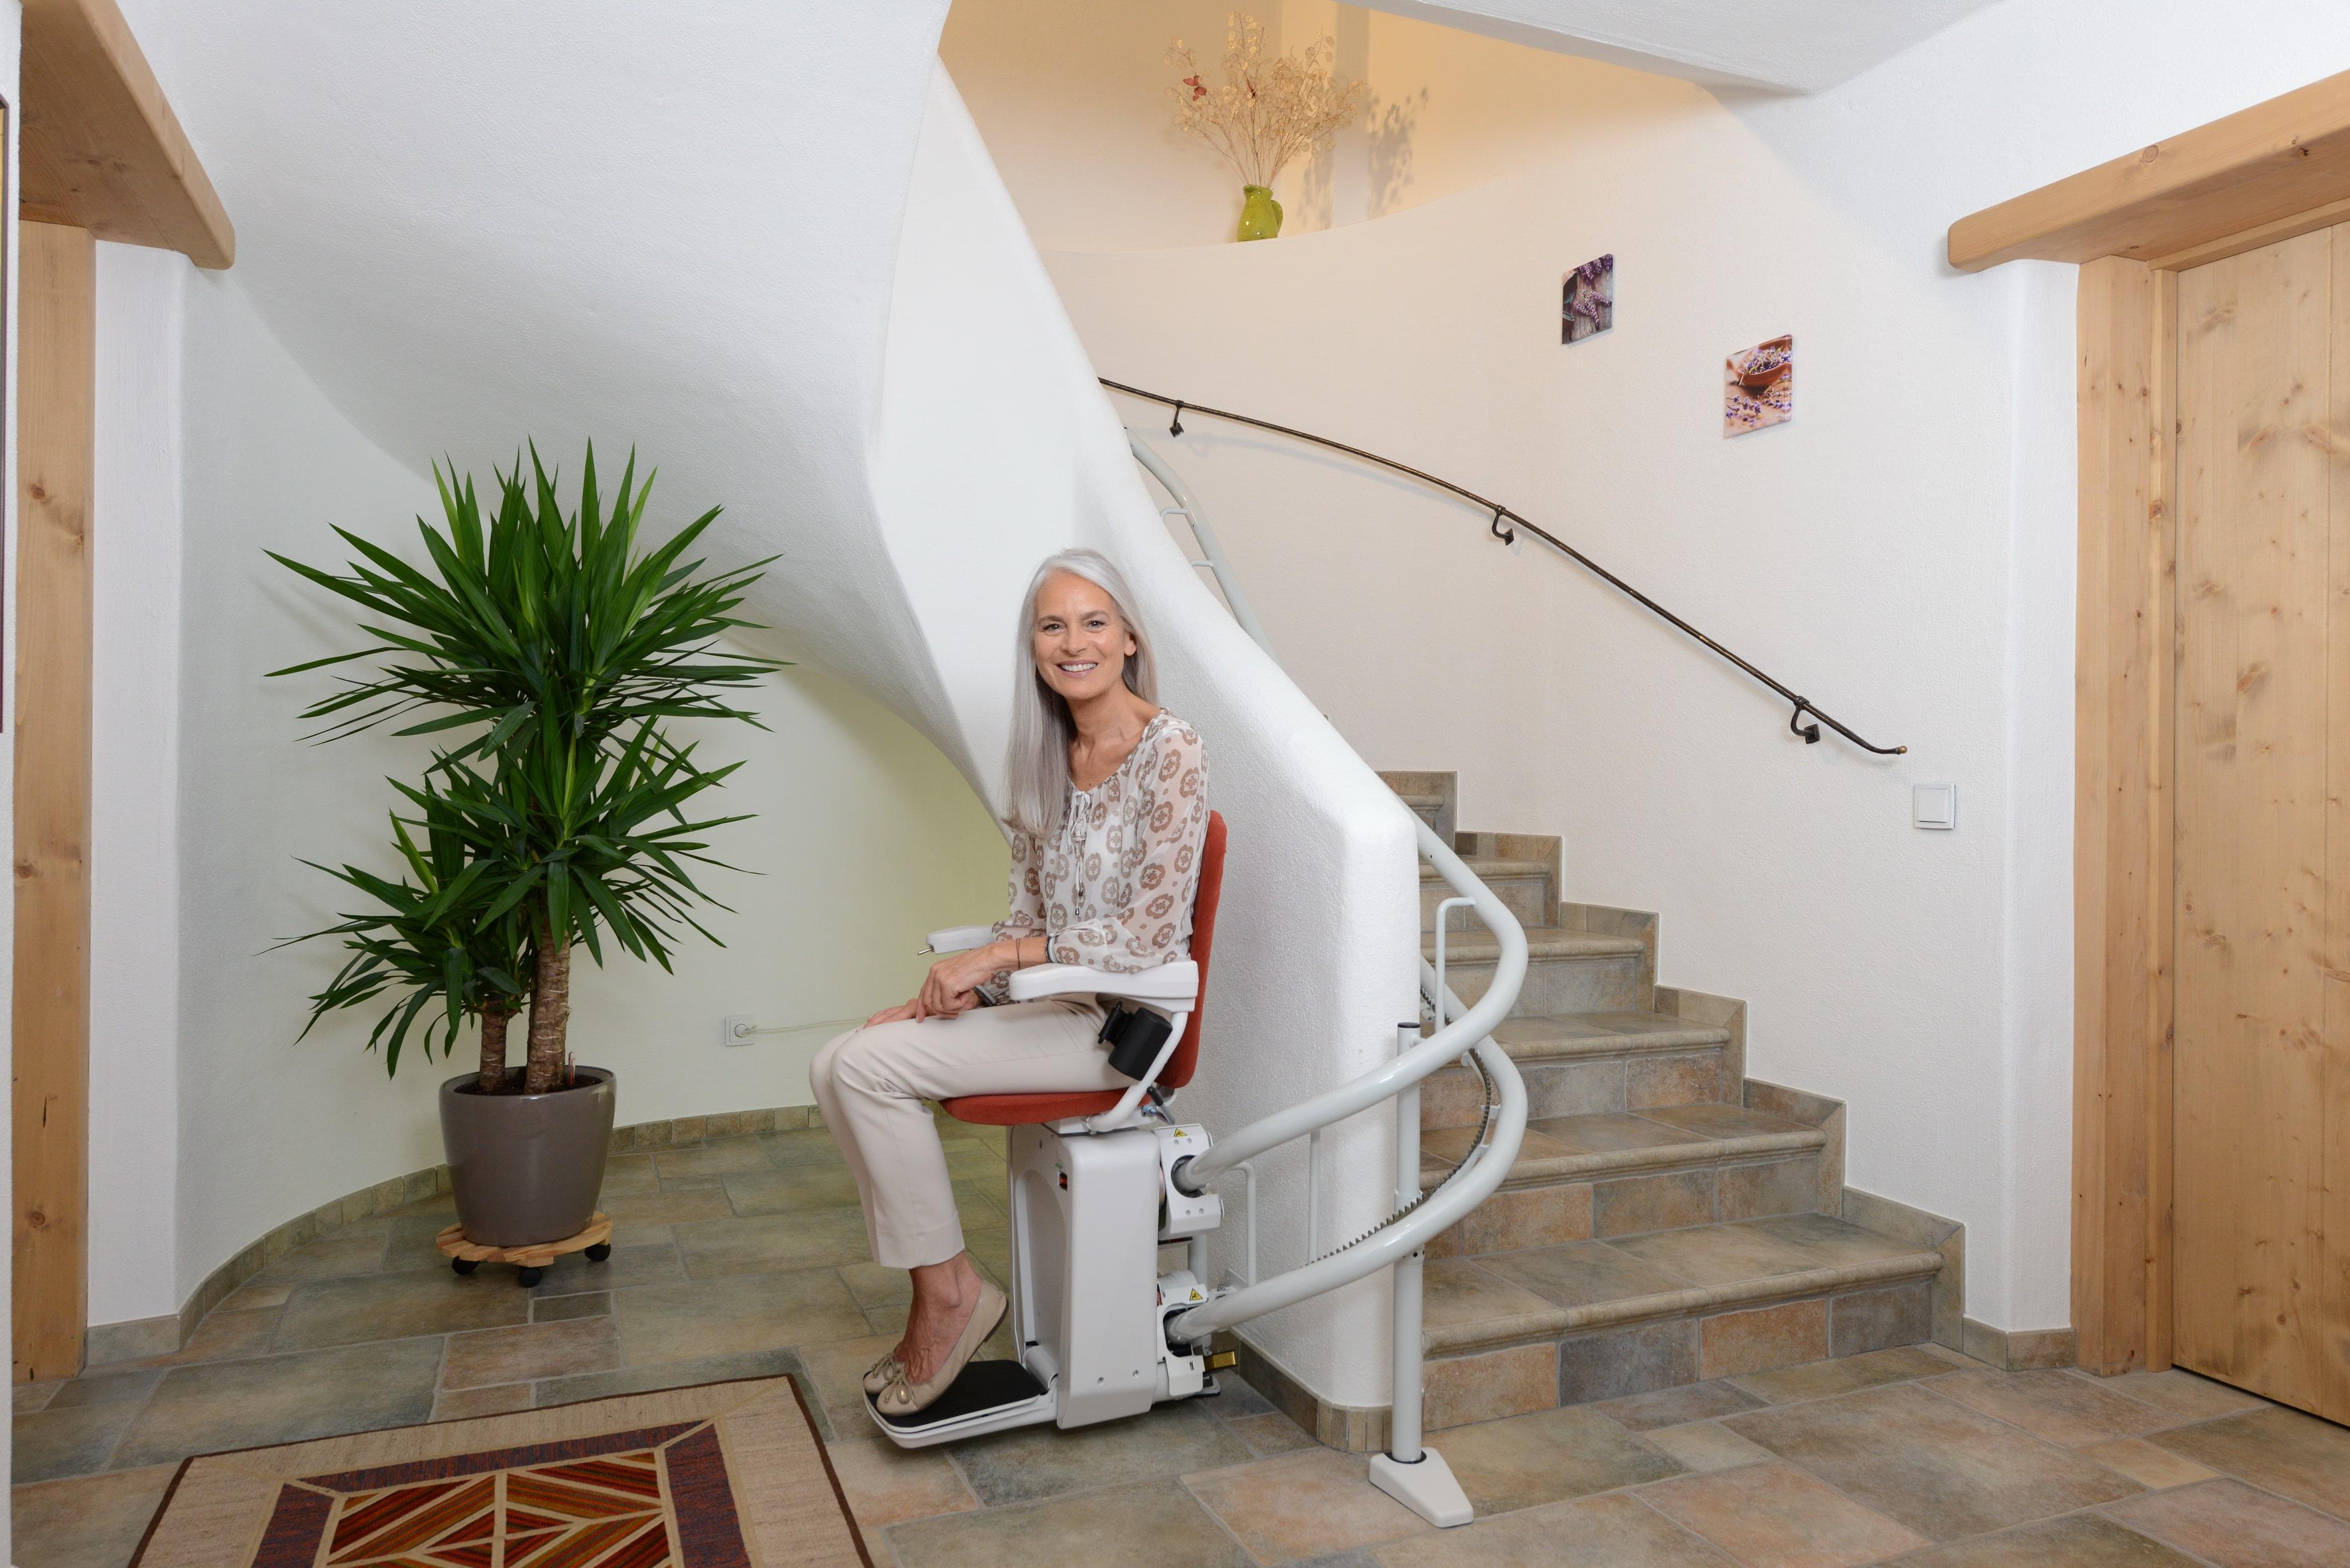 comment choisir un monte personne lectrique blog decoration maison. Black Bedroom Furniture Sets. Home Design Ideas